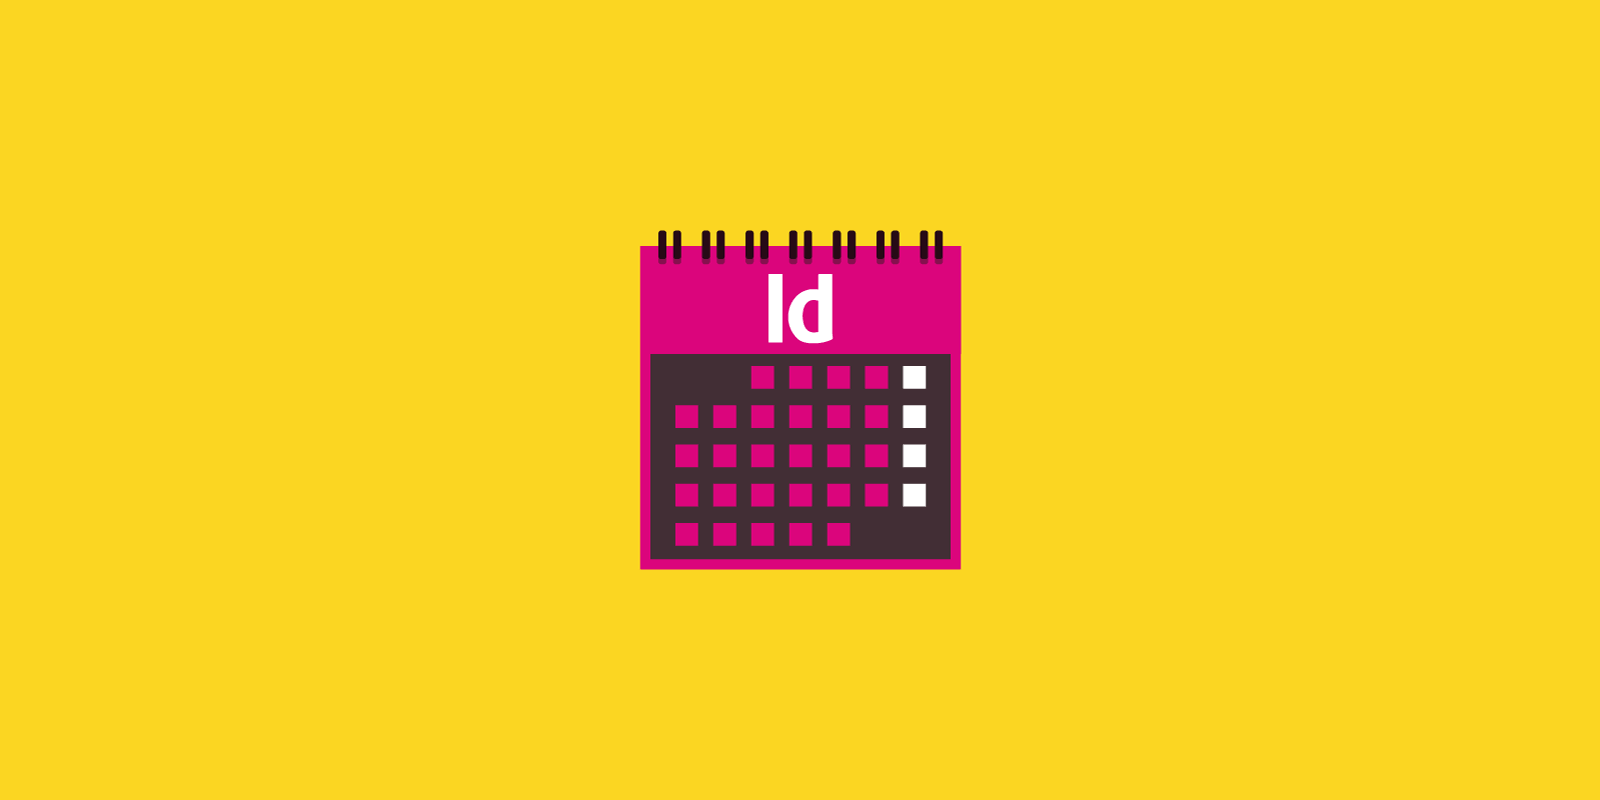 Calendario Dicembre 2020 Con Santi.Smart Calendar Come Creare Un Calendario Con Indesign Con